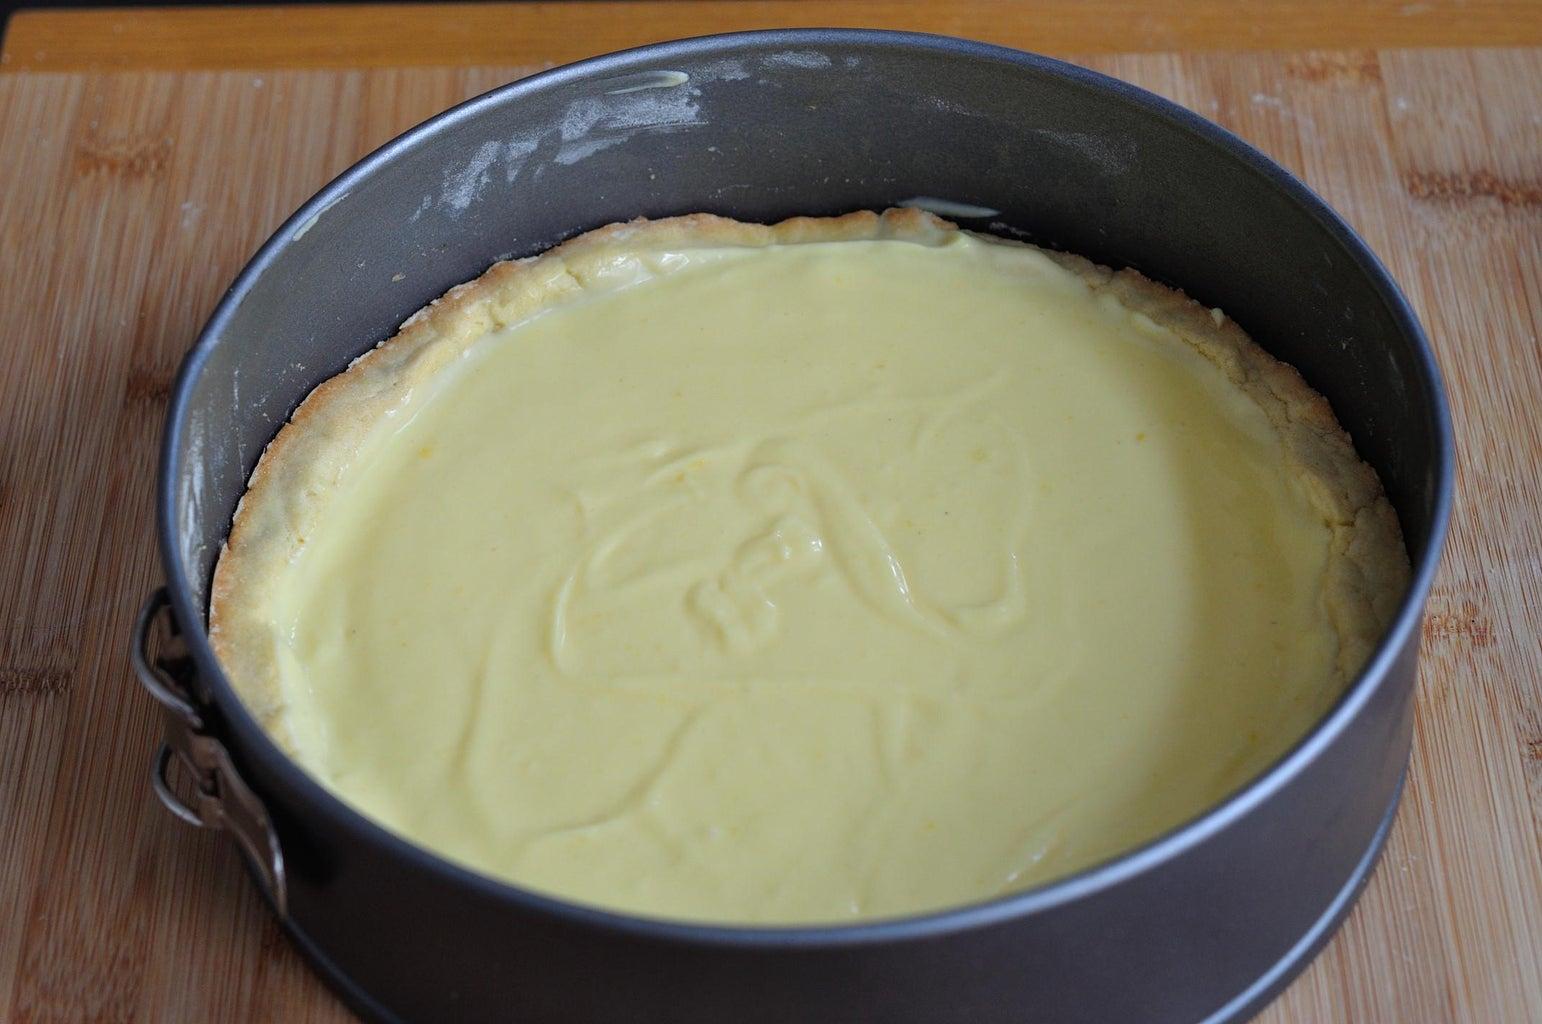 Assemble the Pie